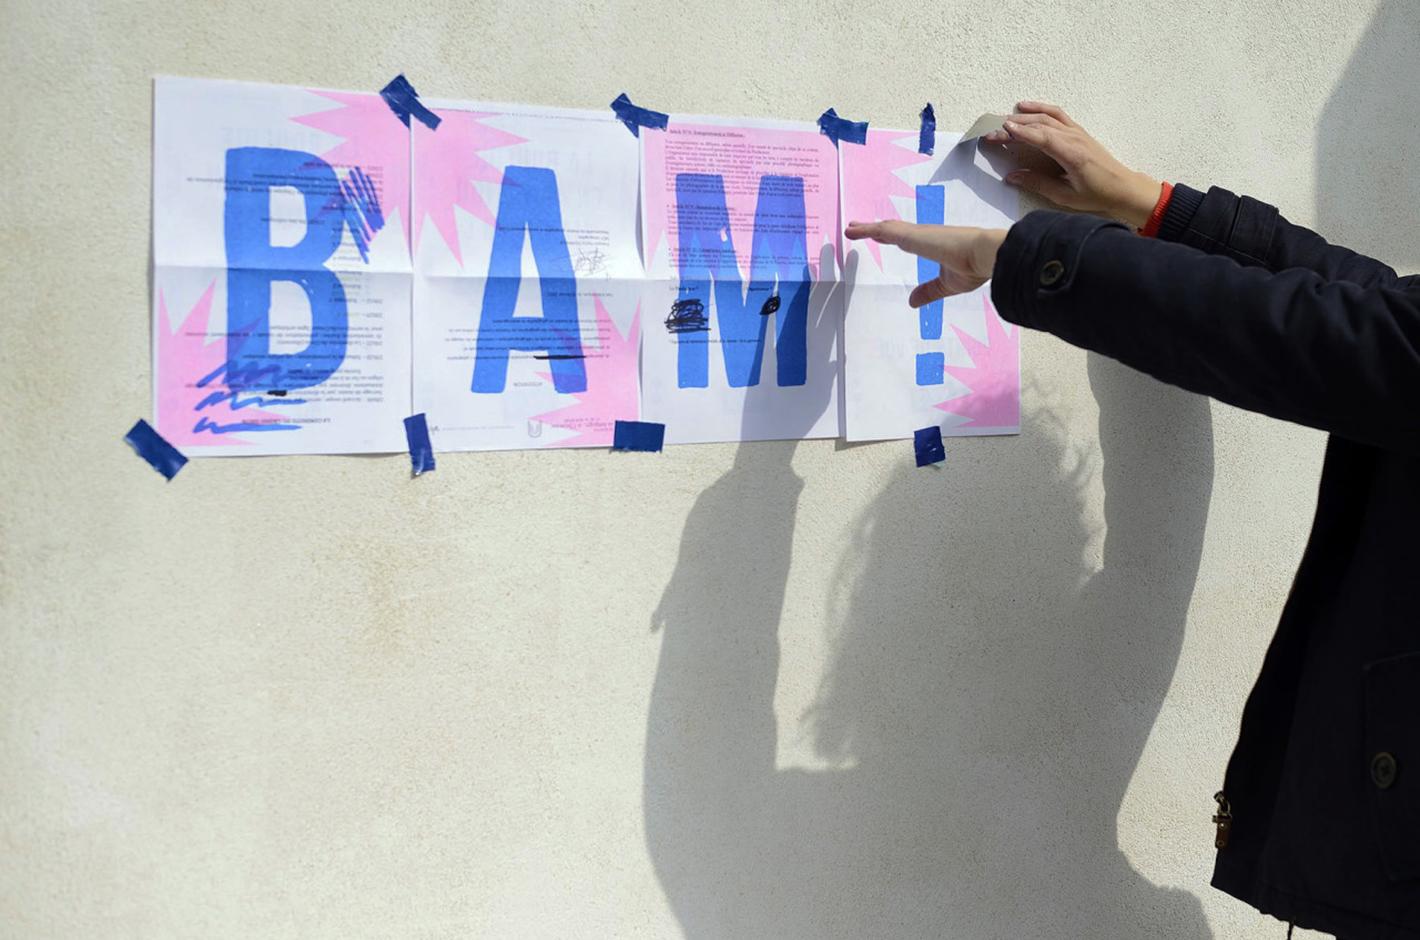 BAM ! La Bouloie en Agitation Maximum - Besançon - Campus de la Bouloie - affiche 2 points de vues